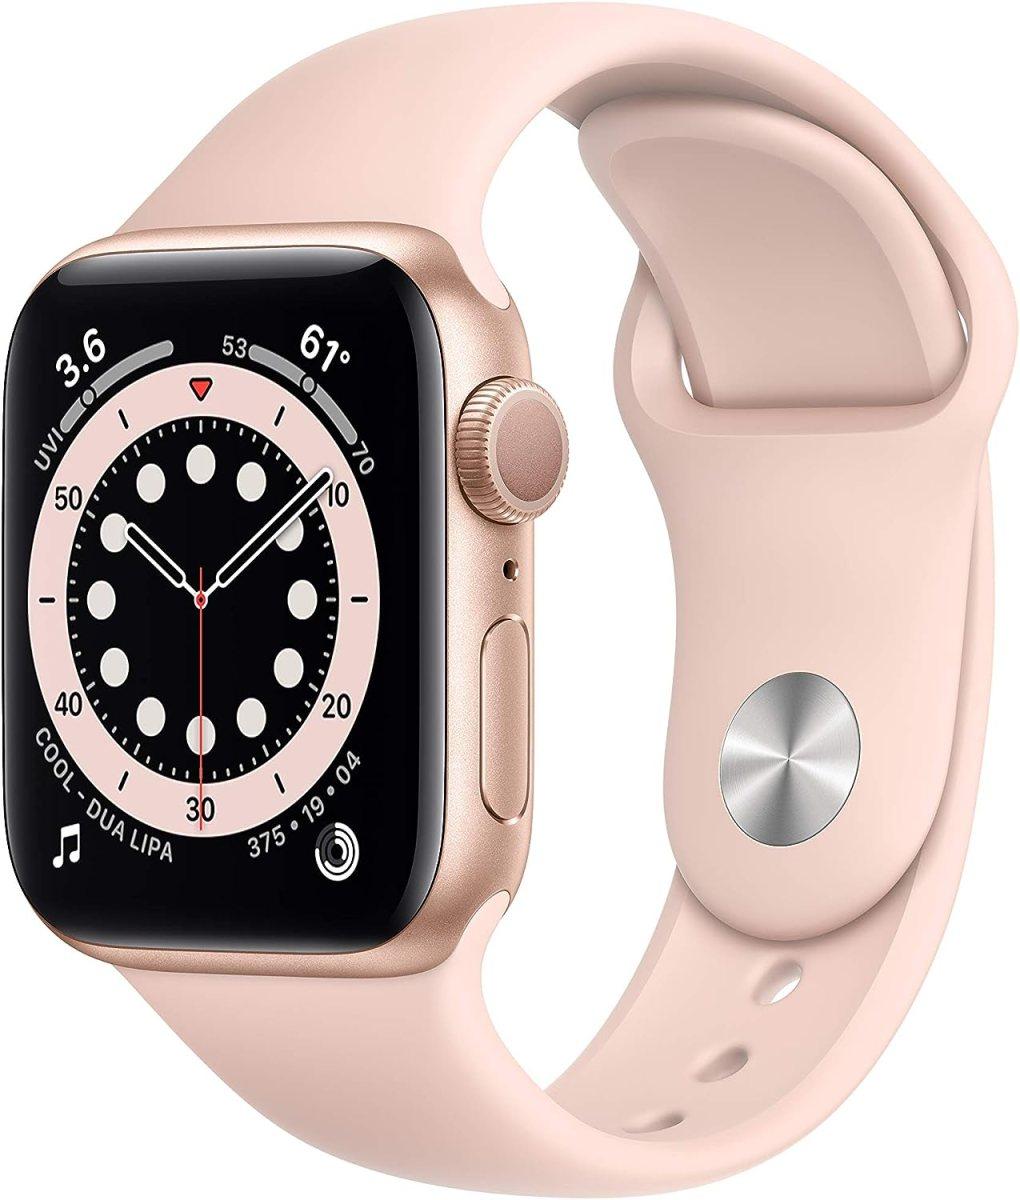 Apple Watch Serie 6 (GPS)